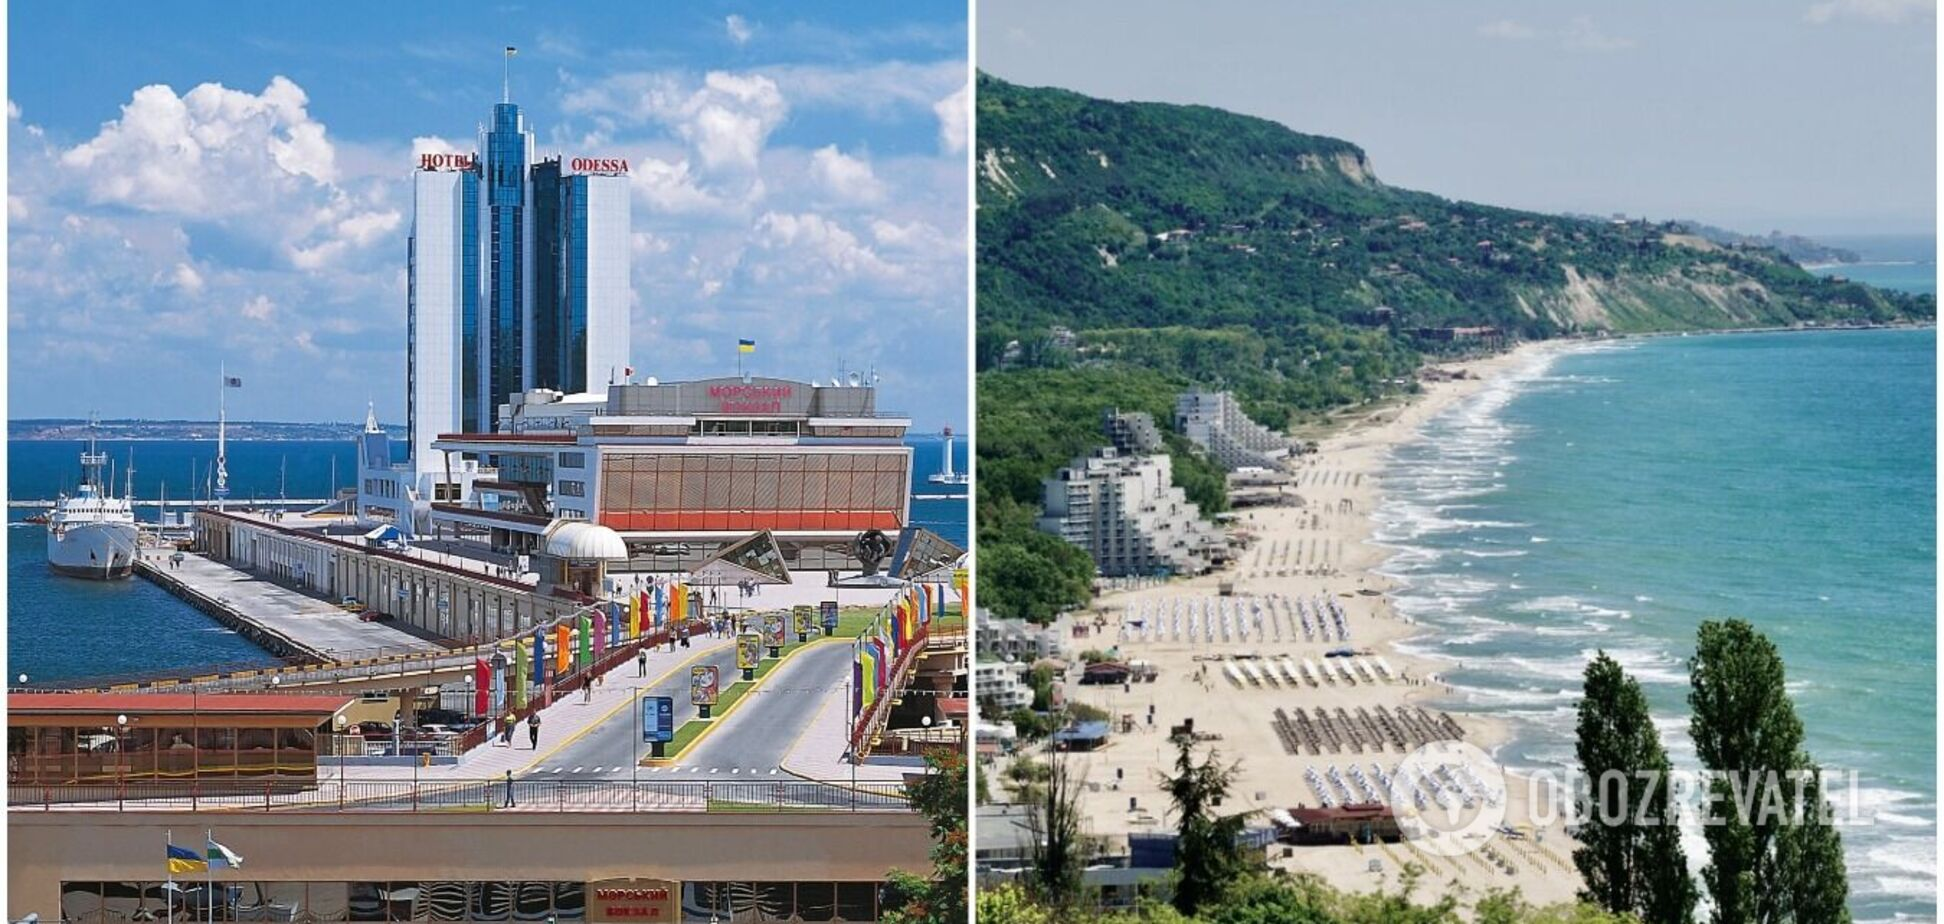 Одеса або закордонний курорт: куди дешевше поїхати на відпочинок в оксамитовий сезон